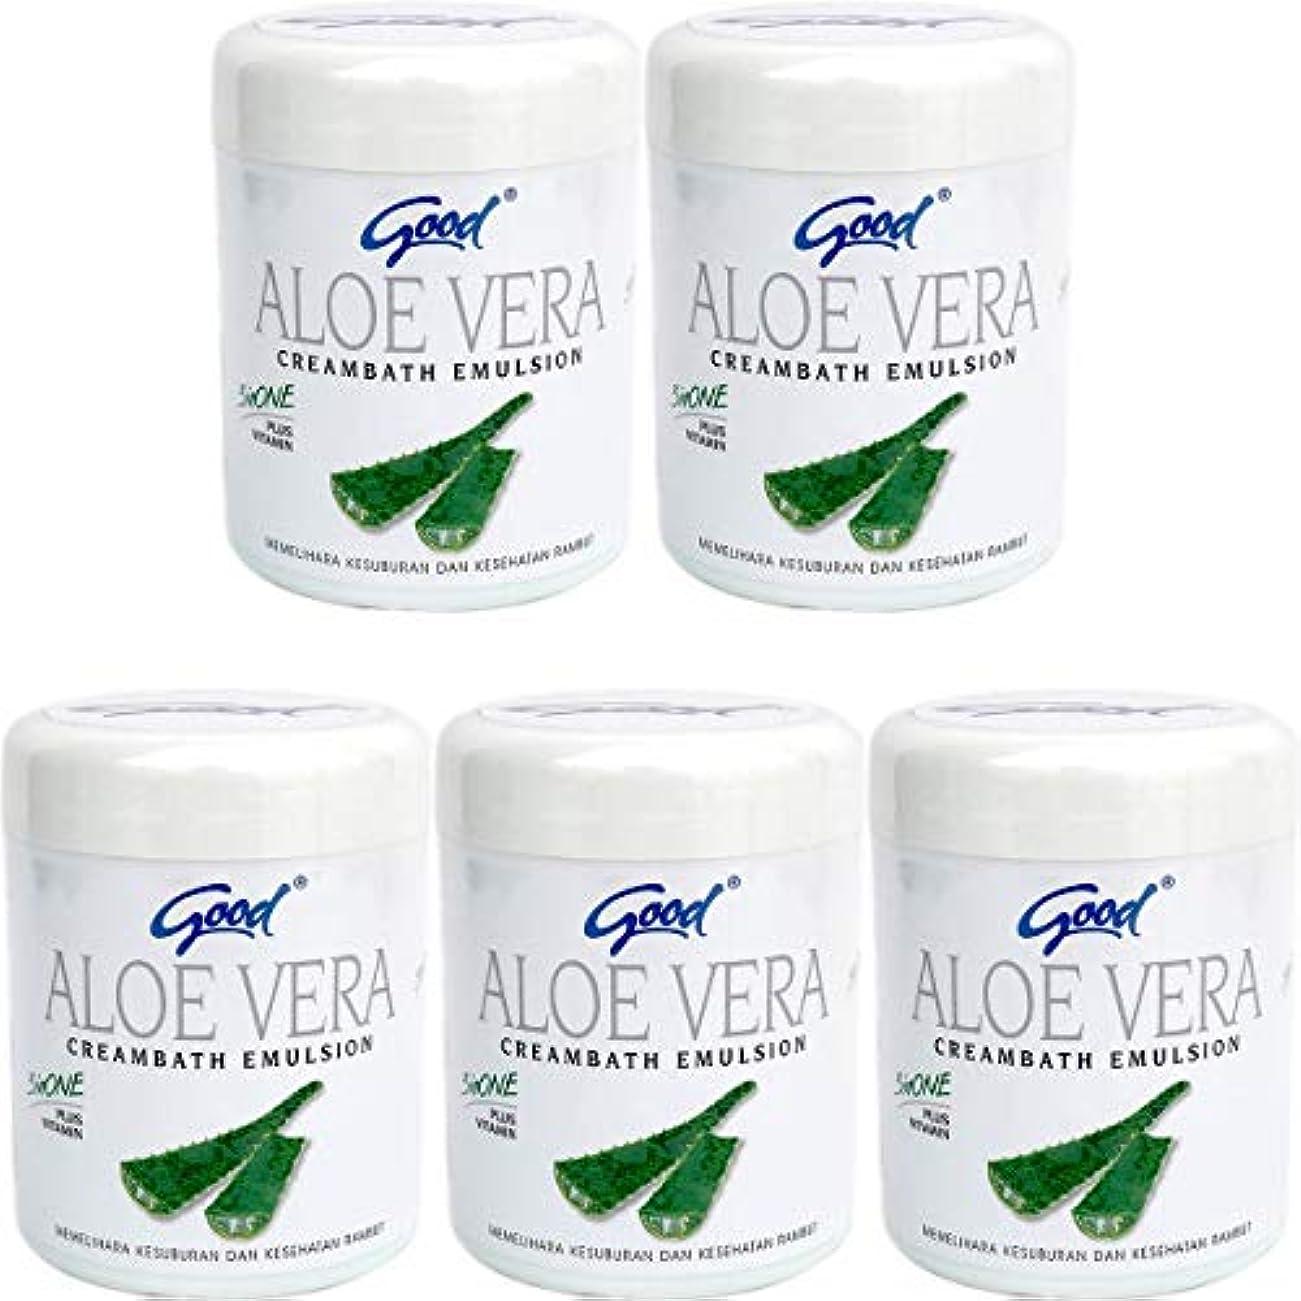 アンドリューハリディ燃料細断good グッド インドネシアバリ島の伝統的なヘッドスパクリーム Creambath Emulsion クリームバス エマルション 680g × 5個 AloeVera アロエベラ [海外直送品]